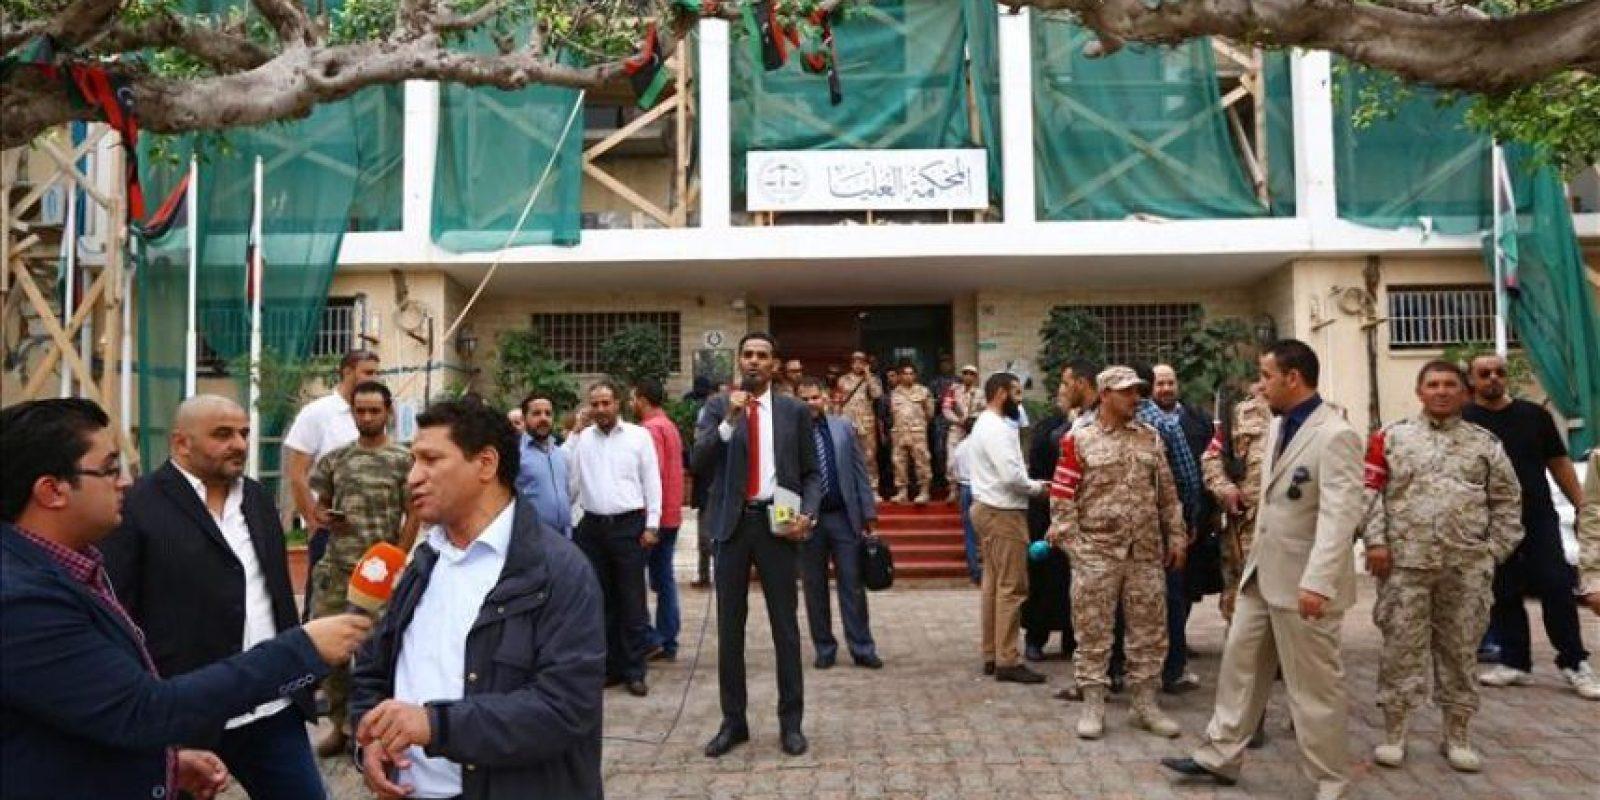 Soldados hacen guardia a las puertas del Tribunal Constitucional de Libia en Trípoli (Libia) hoy. El Tribunal Supremo de Trípoli declaró la inconstitucionalidad del nuevo Parlamento libio (Congreso de los Diputados) confinado en Tobruk, a 1.500 kilómetros al este de la capital.